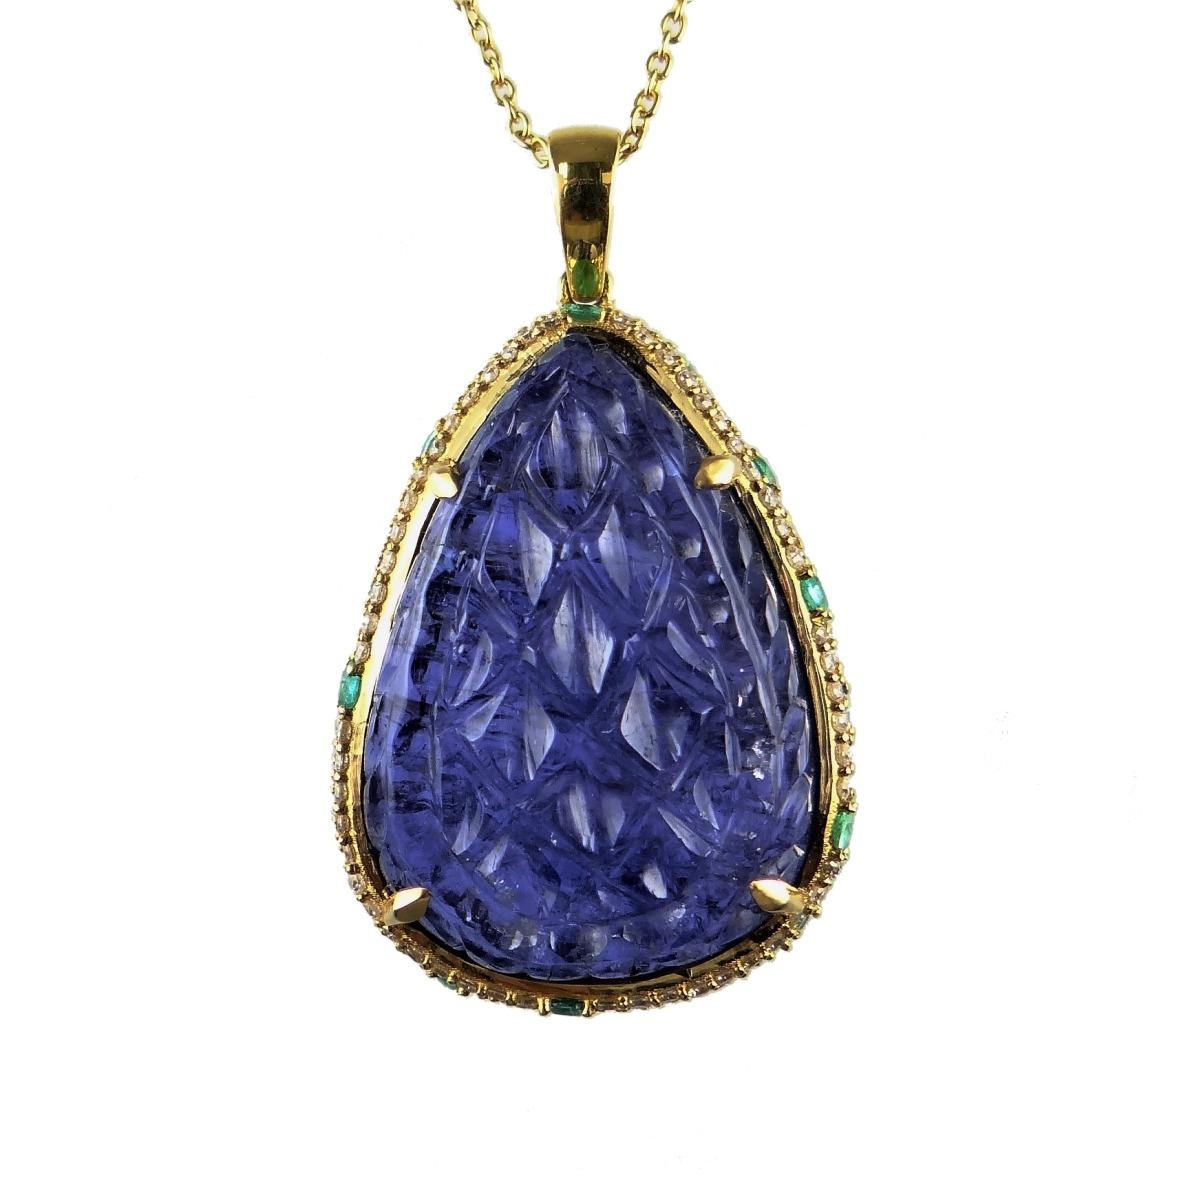 K18YG 豪華なカービングタンザナイト34.6ct エメラルド とダイヤモンドで華やかに取り巻いた一点物のペンダントヘッド 12月誕生石 ラッキーアイテム 一粒石 お守り 自分へのご褒美 誕生日や母の日のプレゼントにも